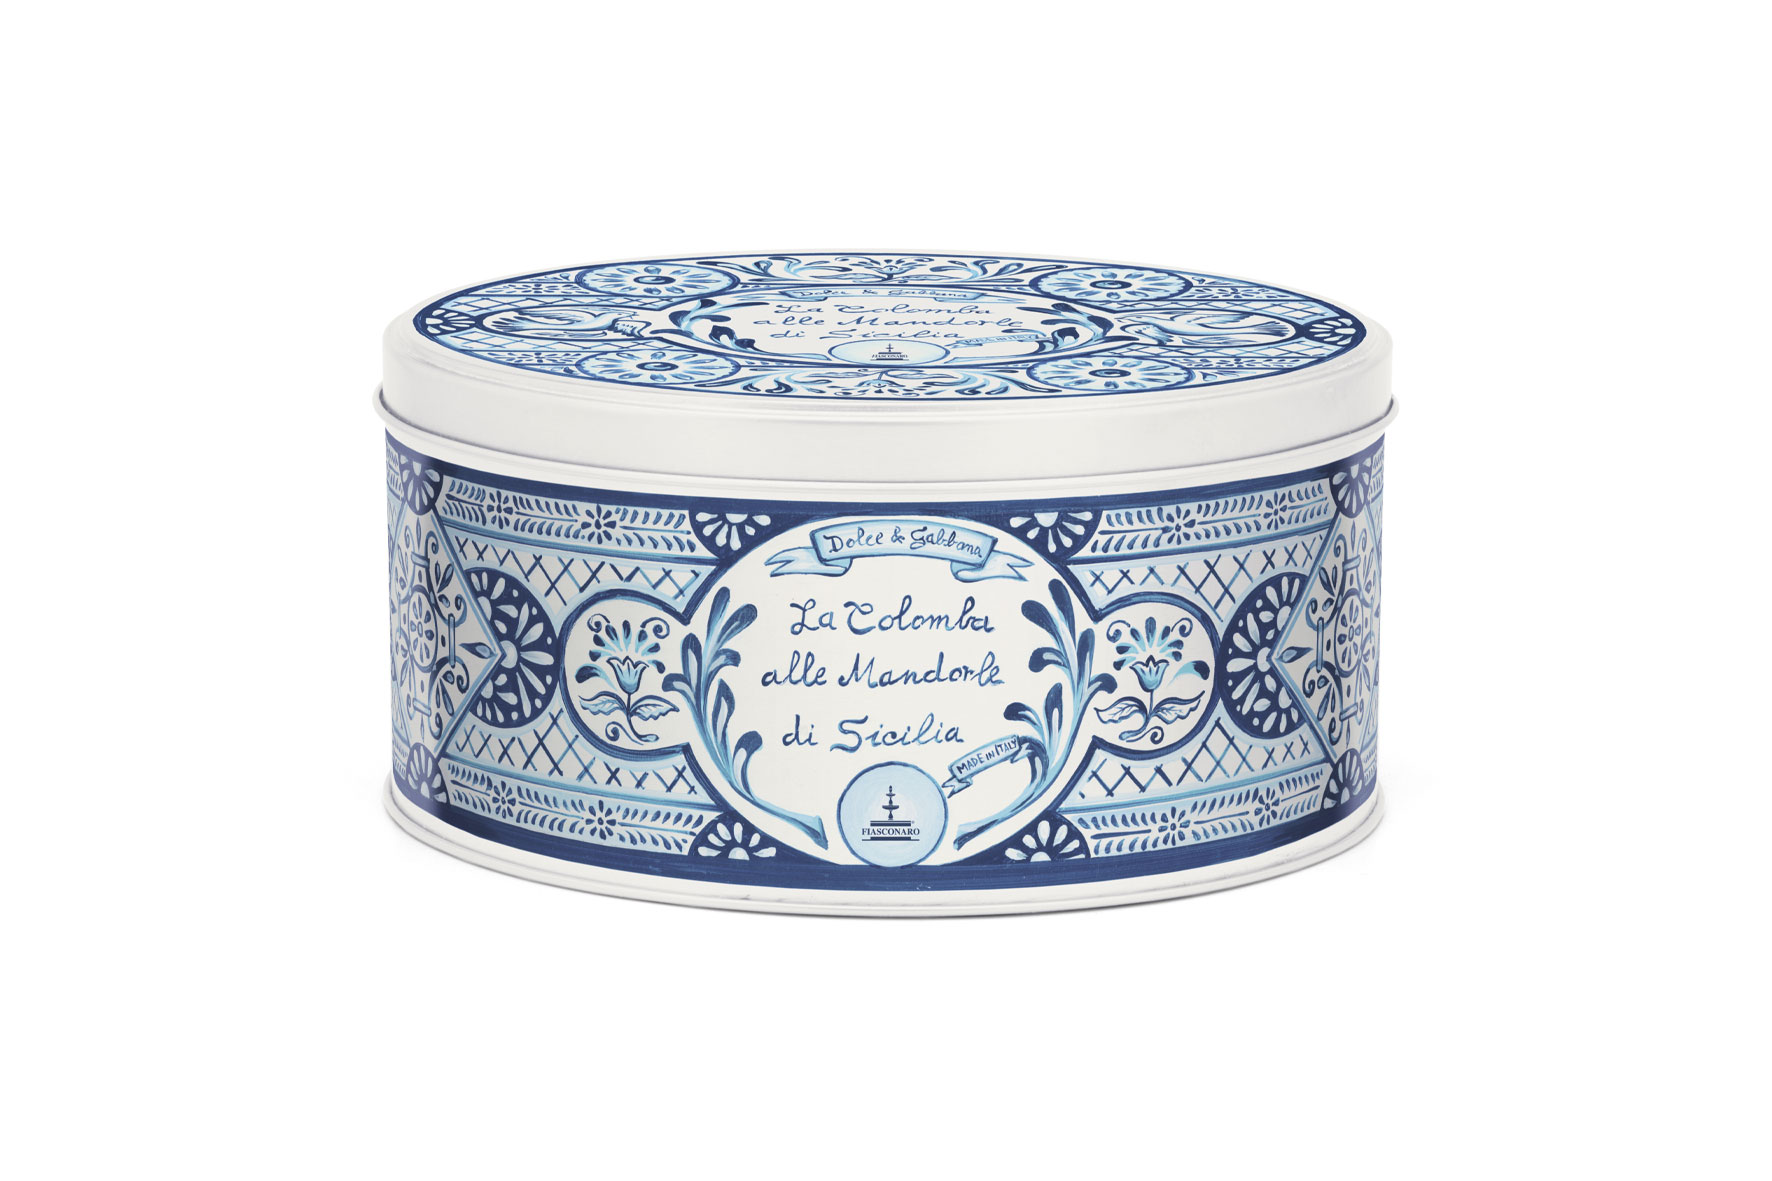 Dolce & Gabbana - Colomba alle mandorle - Fiasconaro | Pasticcieri Siciliani